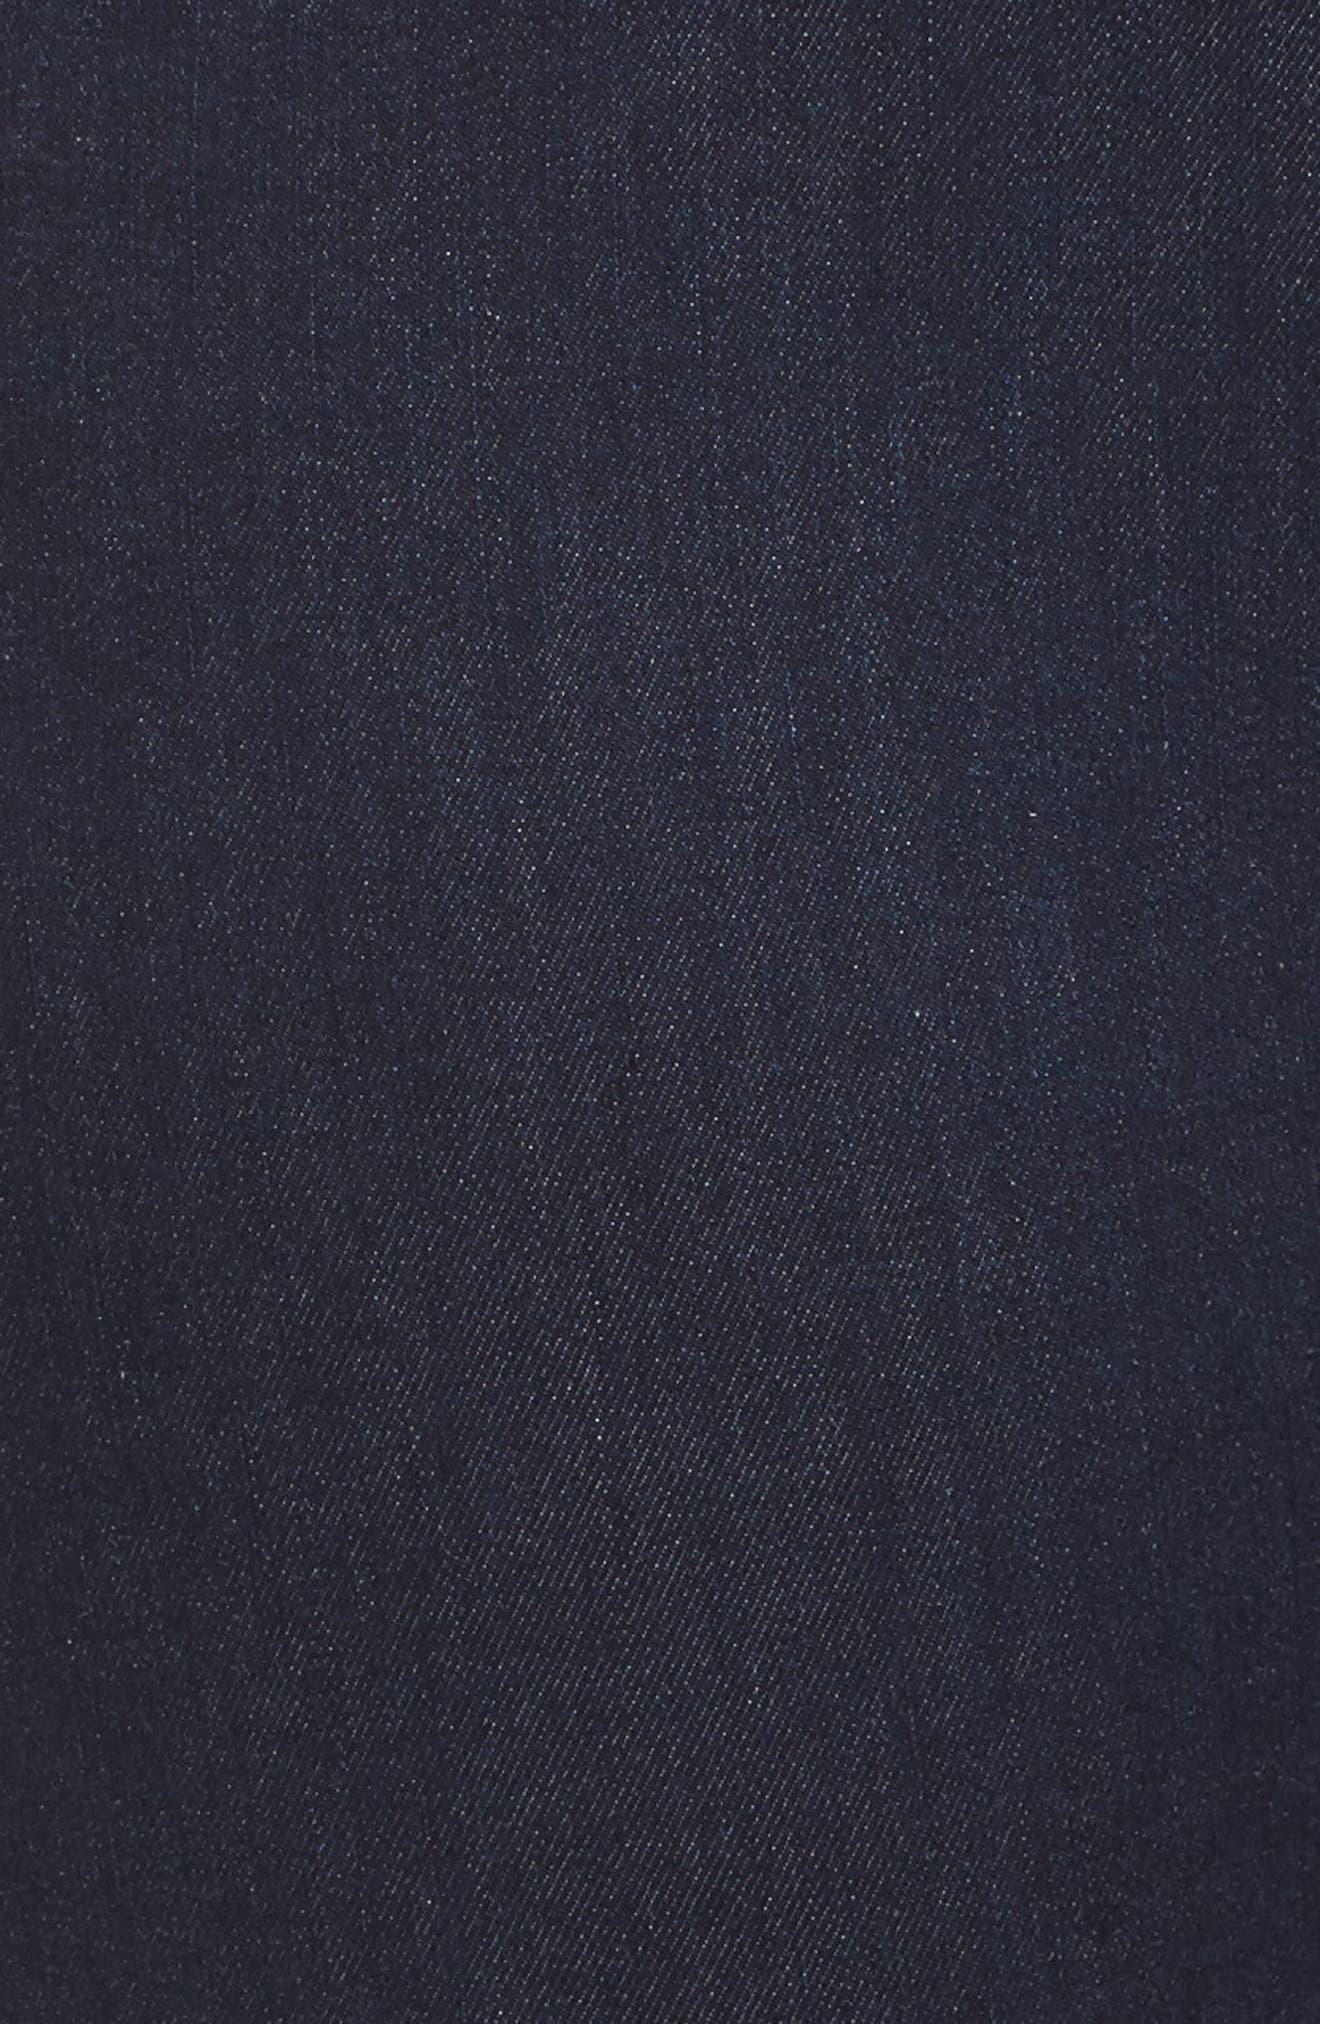 LUCKY BRAND, Emma High Rise Legging Jeans, Alternate thumbnail 6, color, BREAKER